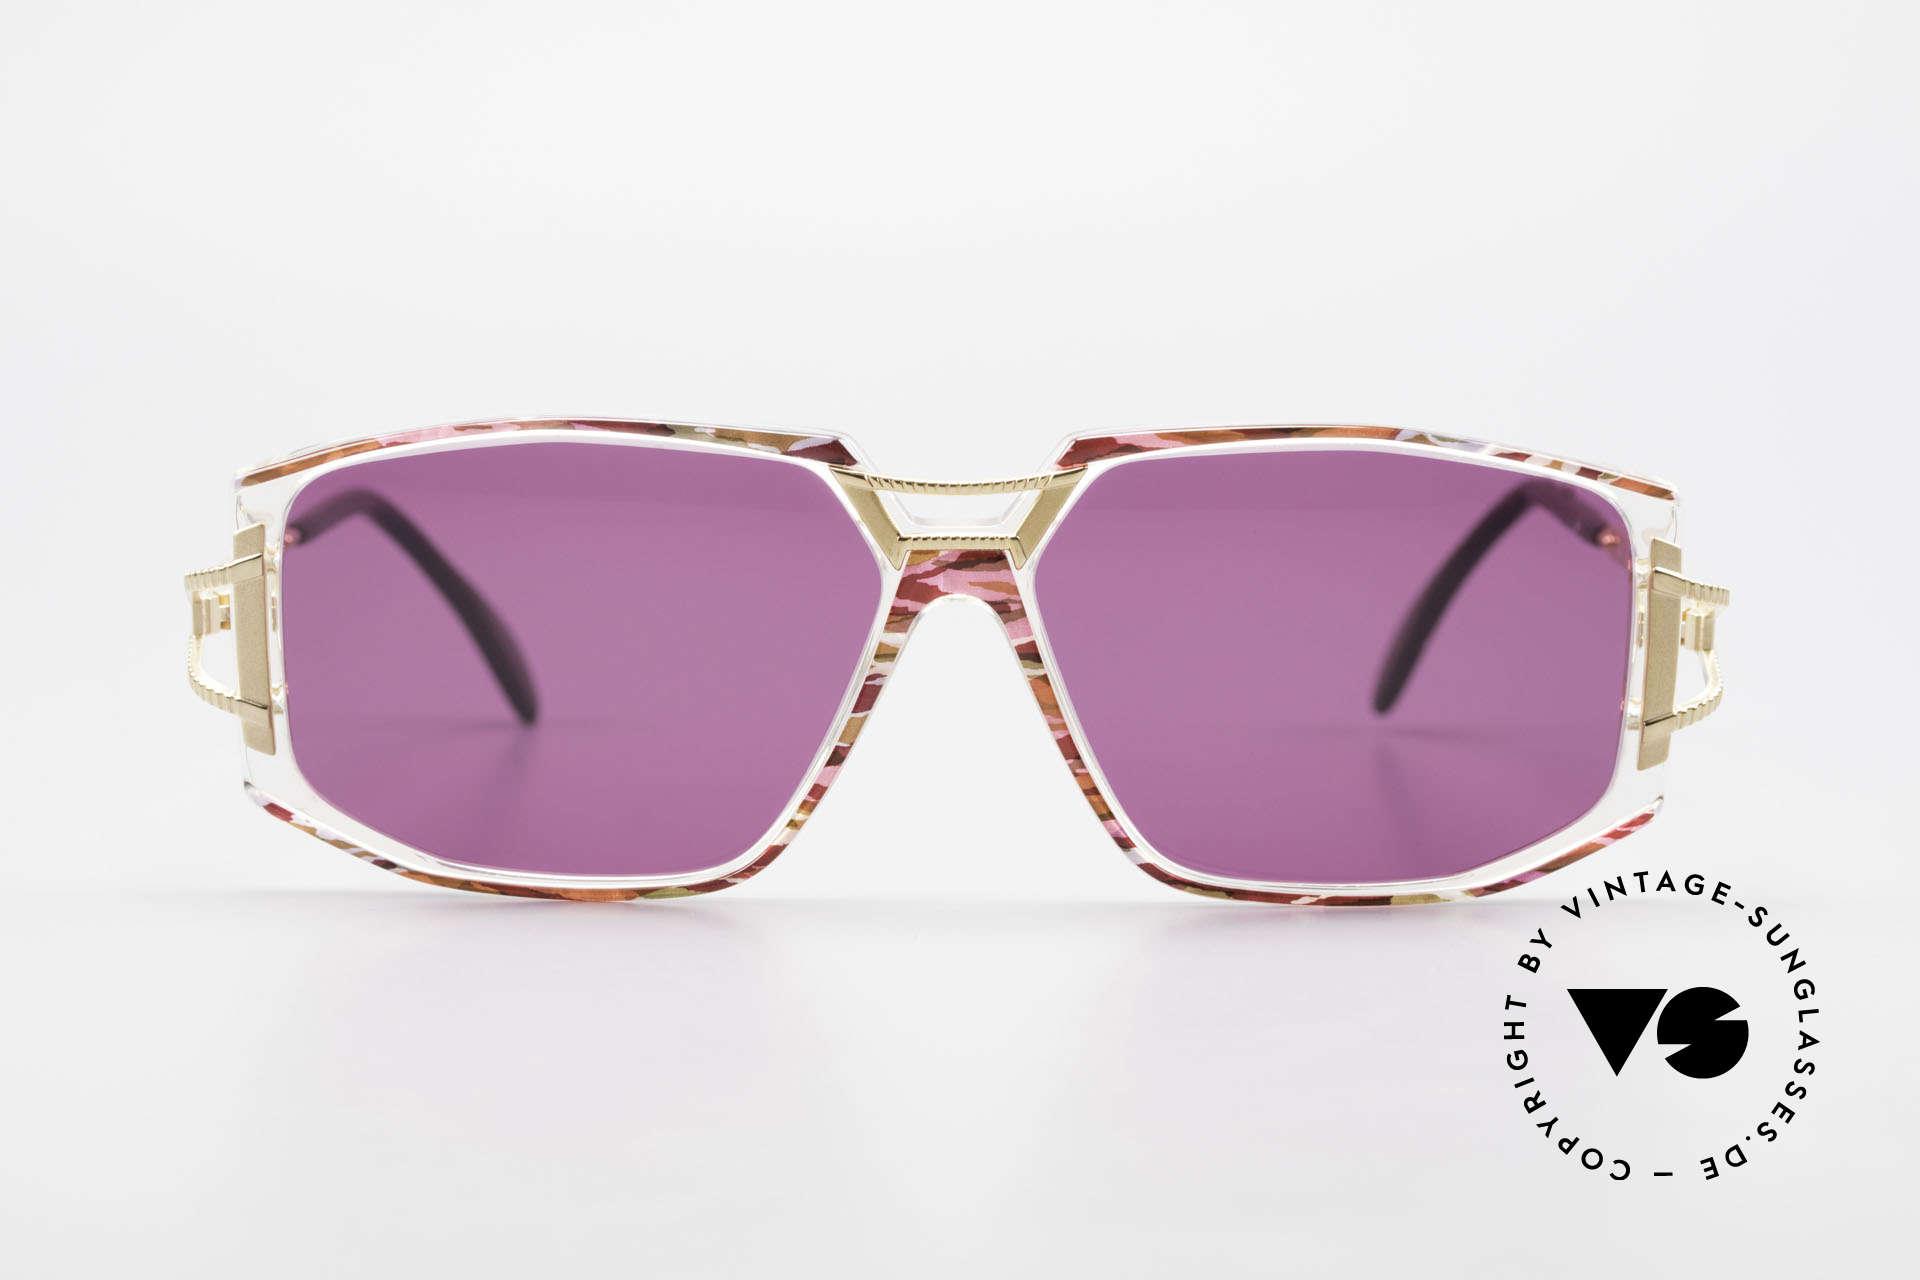 Cazal 362 90er Sonnenbrille Damen Cazal, tolle Gestaltung der Bügelgelenke & Rahmenfront, Passend für Damen